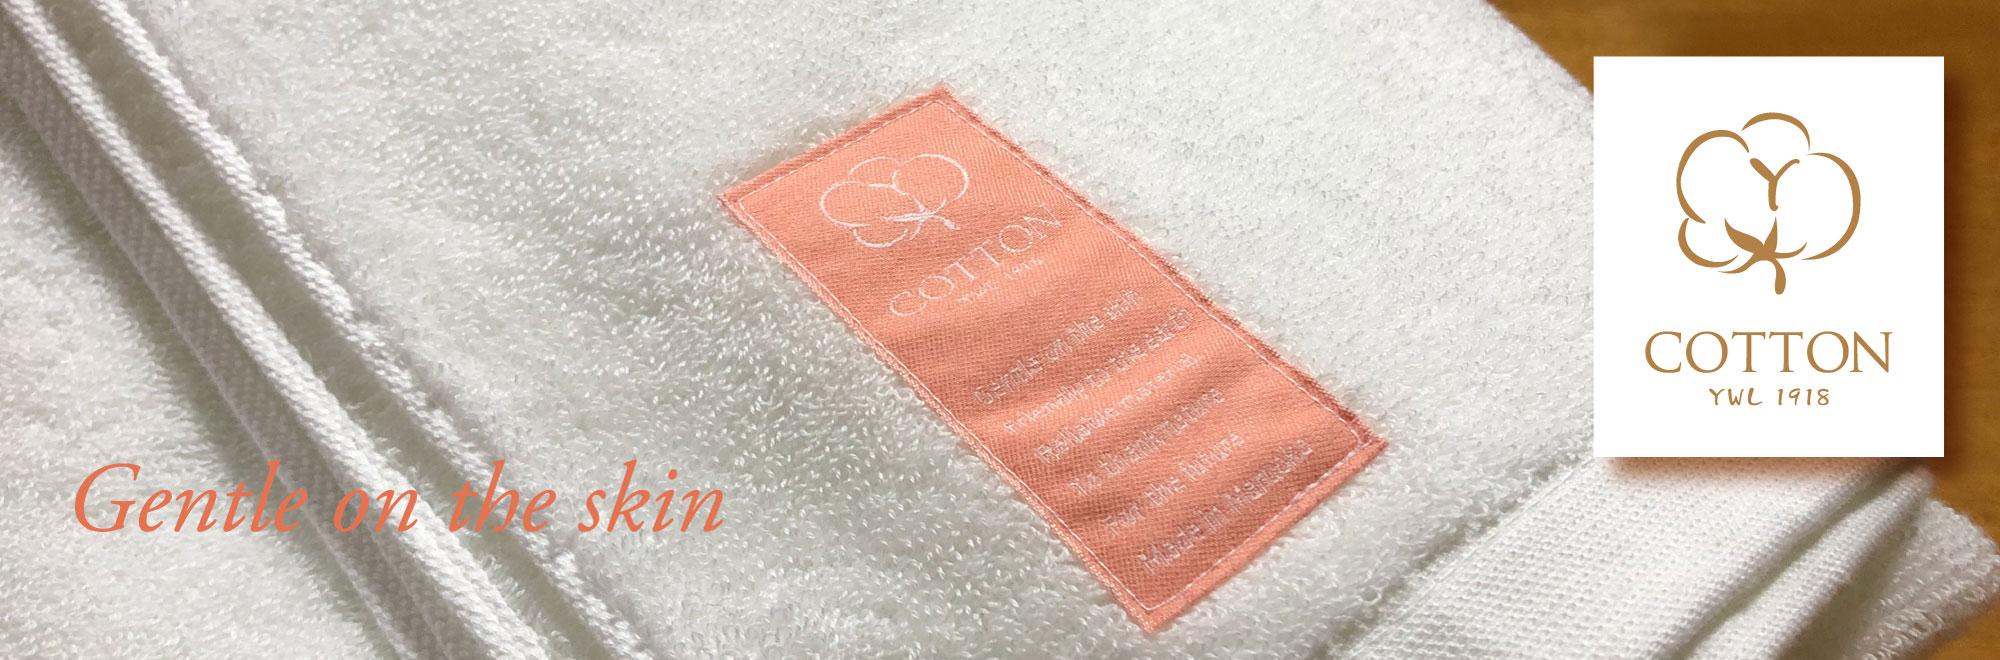 柳沢ウーベンラベルの商品は肌への優しさを考慮